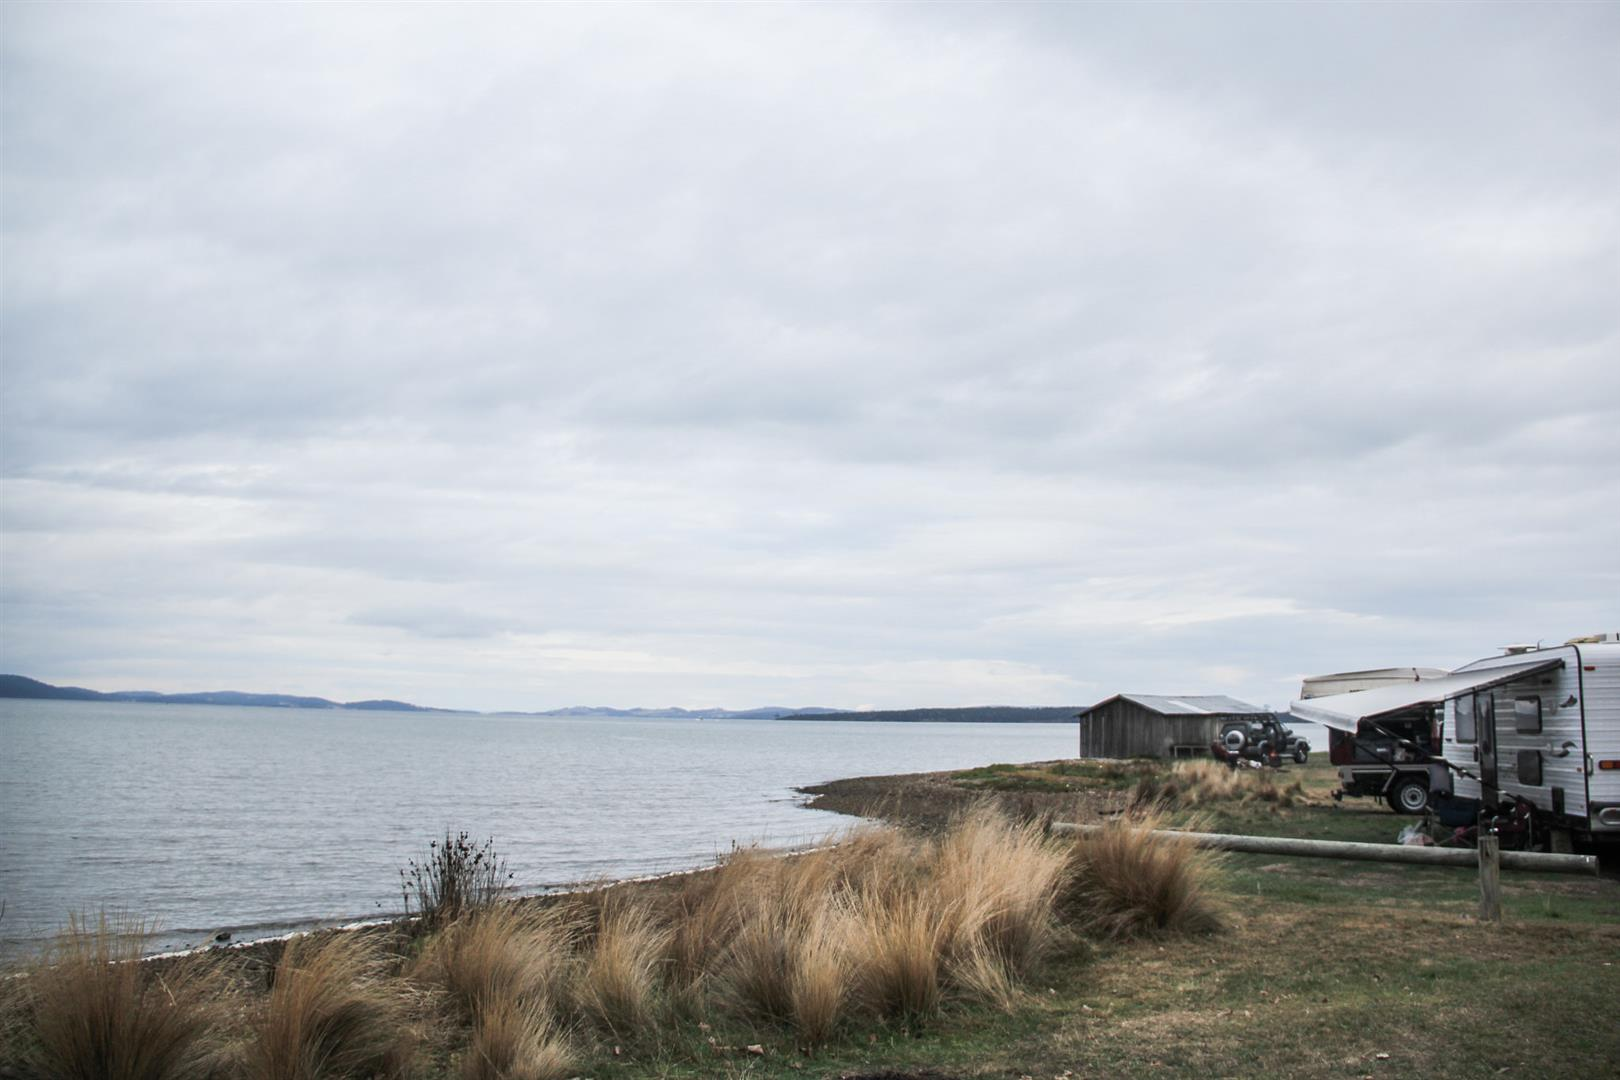 campo e lago em um dia nublado